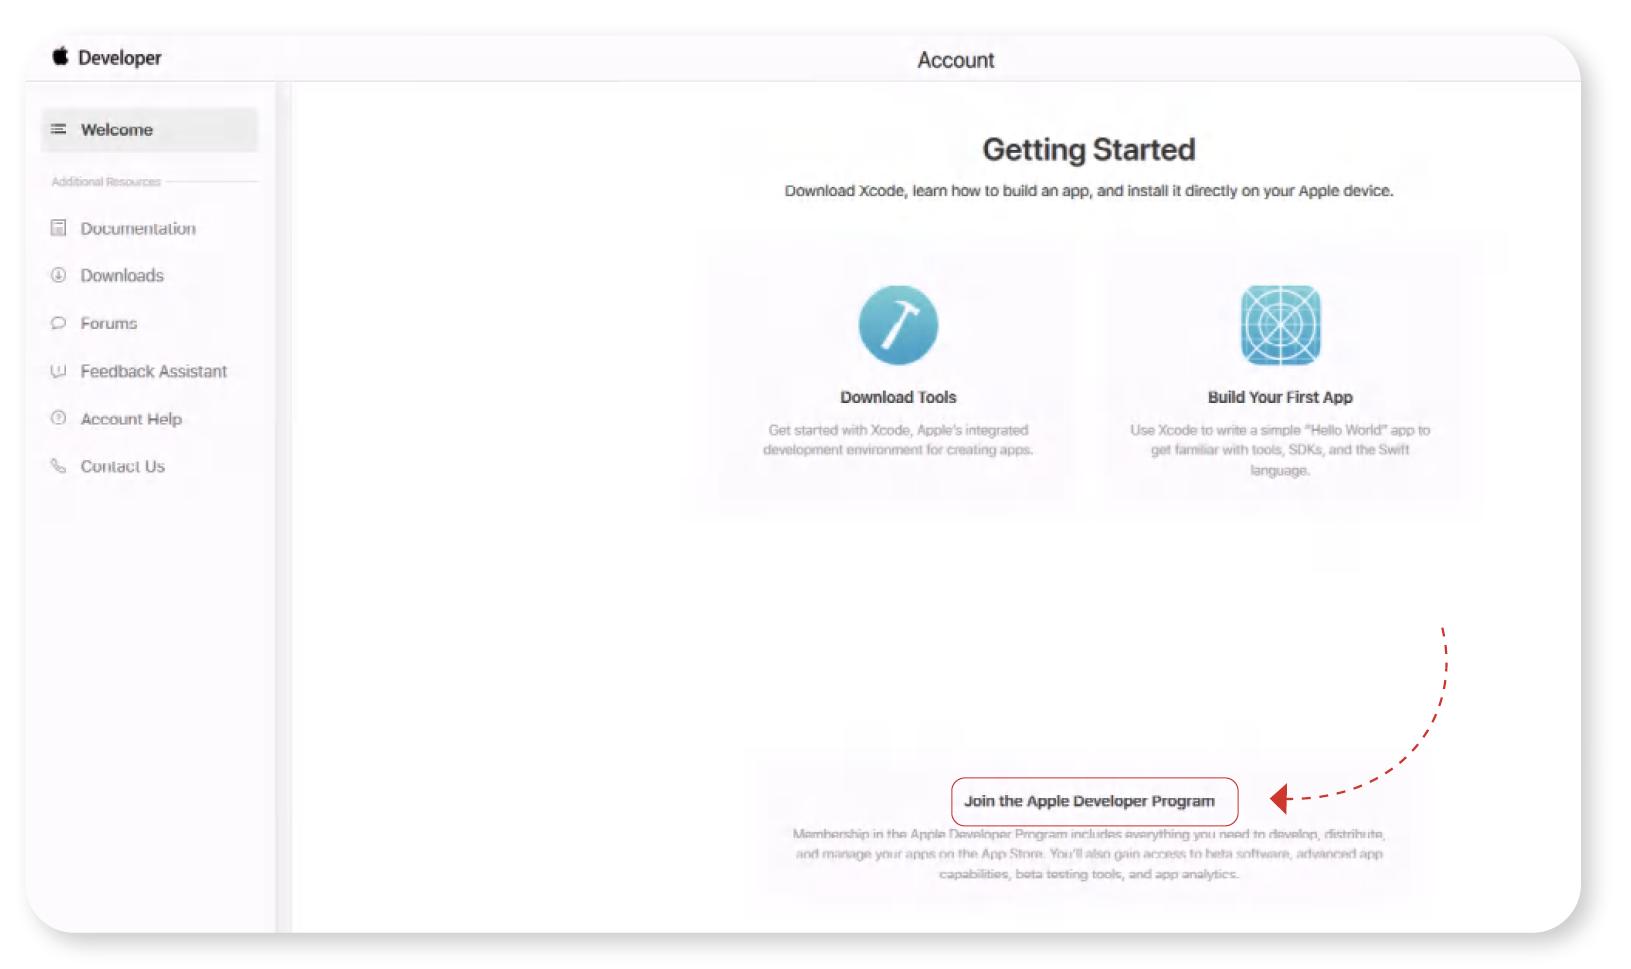 Join the Apple Developer Program